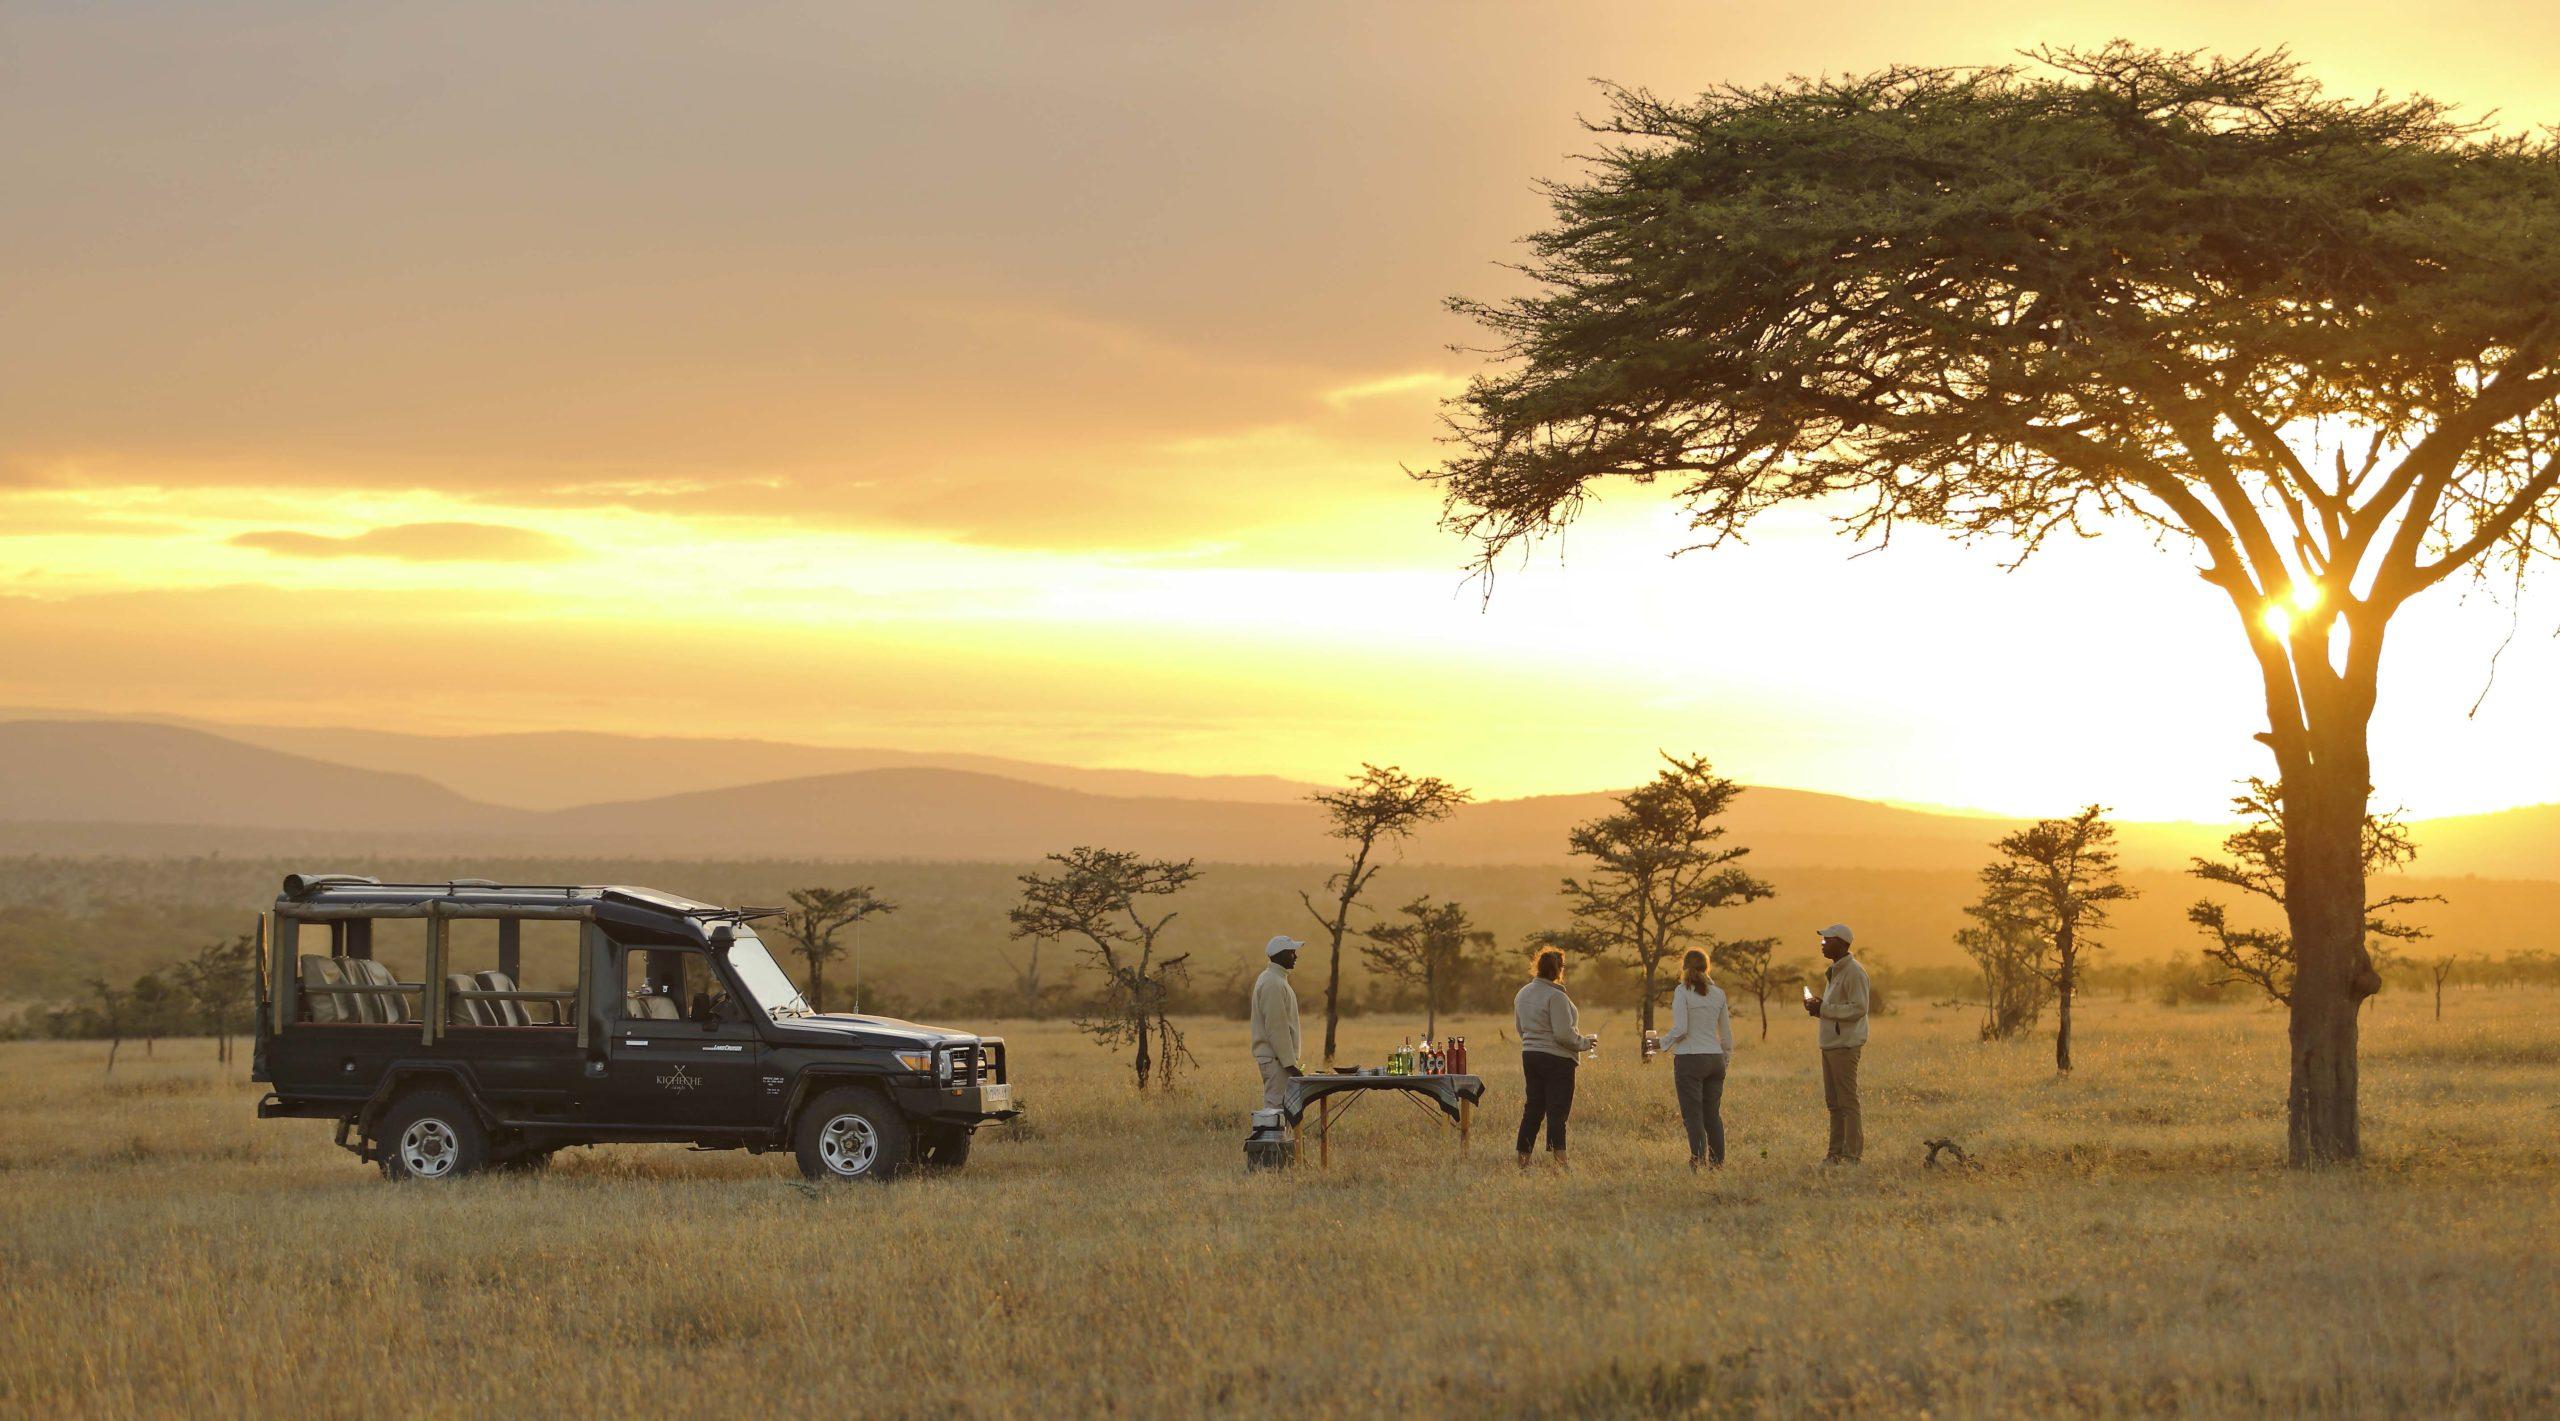 Kenya with Kicheche